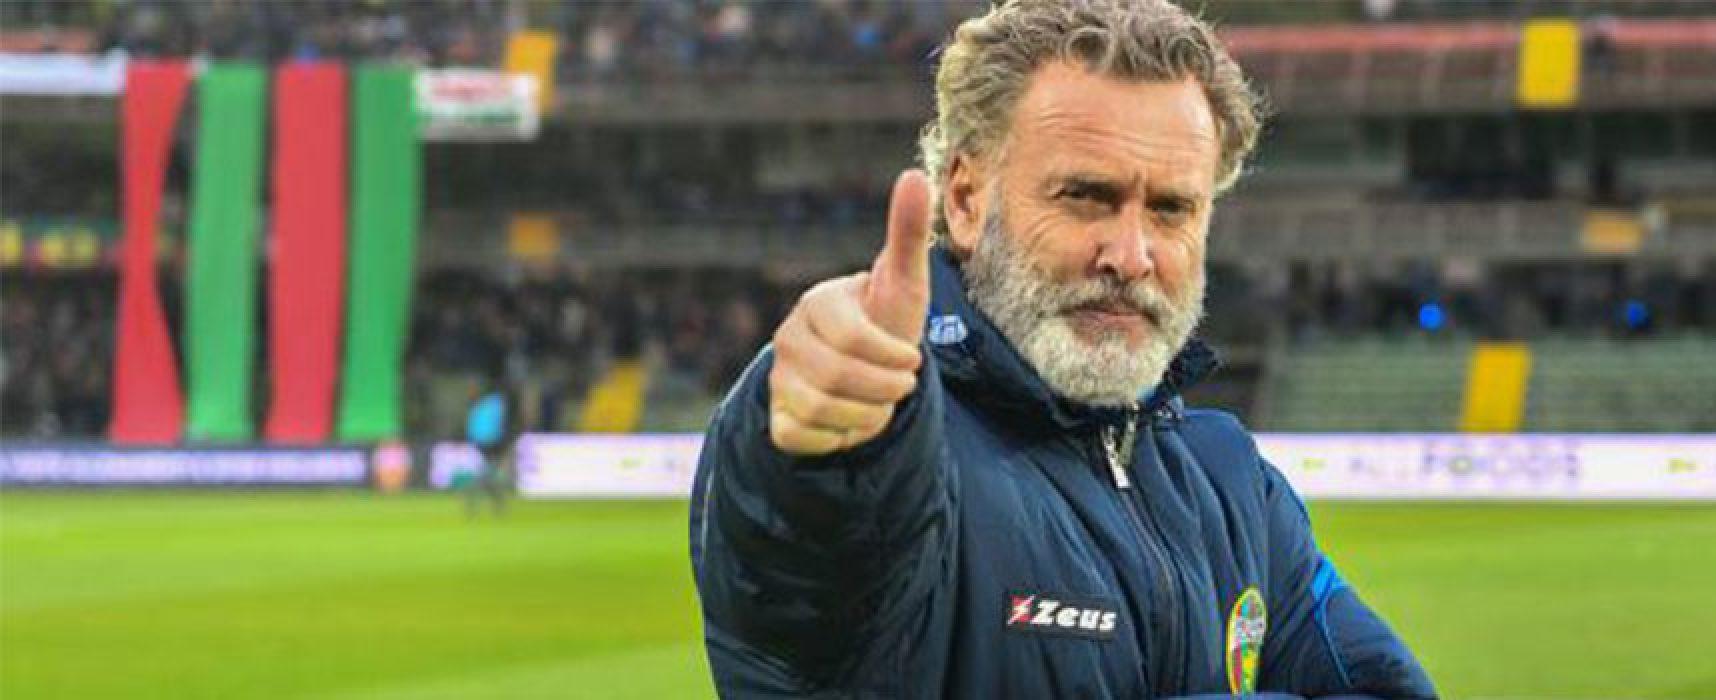 Ufficiale, Sandro Pochesci è il nuovo tecnico del Bisceglie Calcio